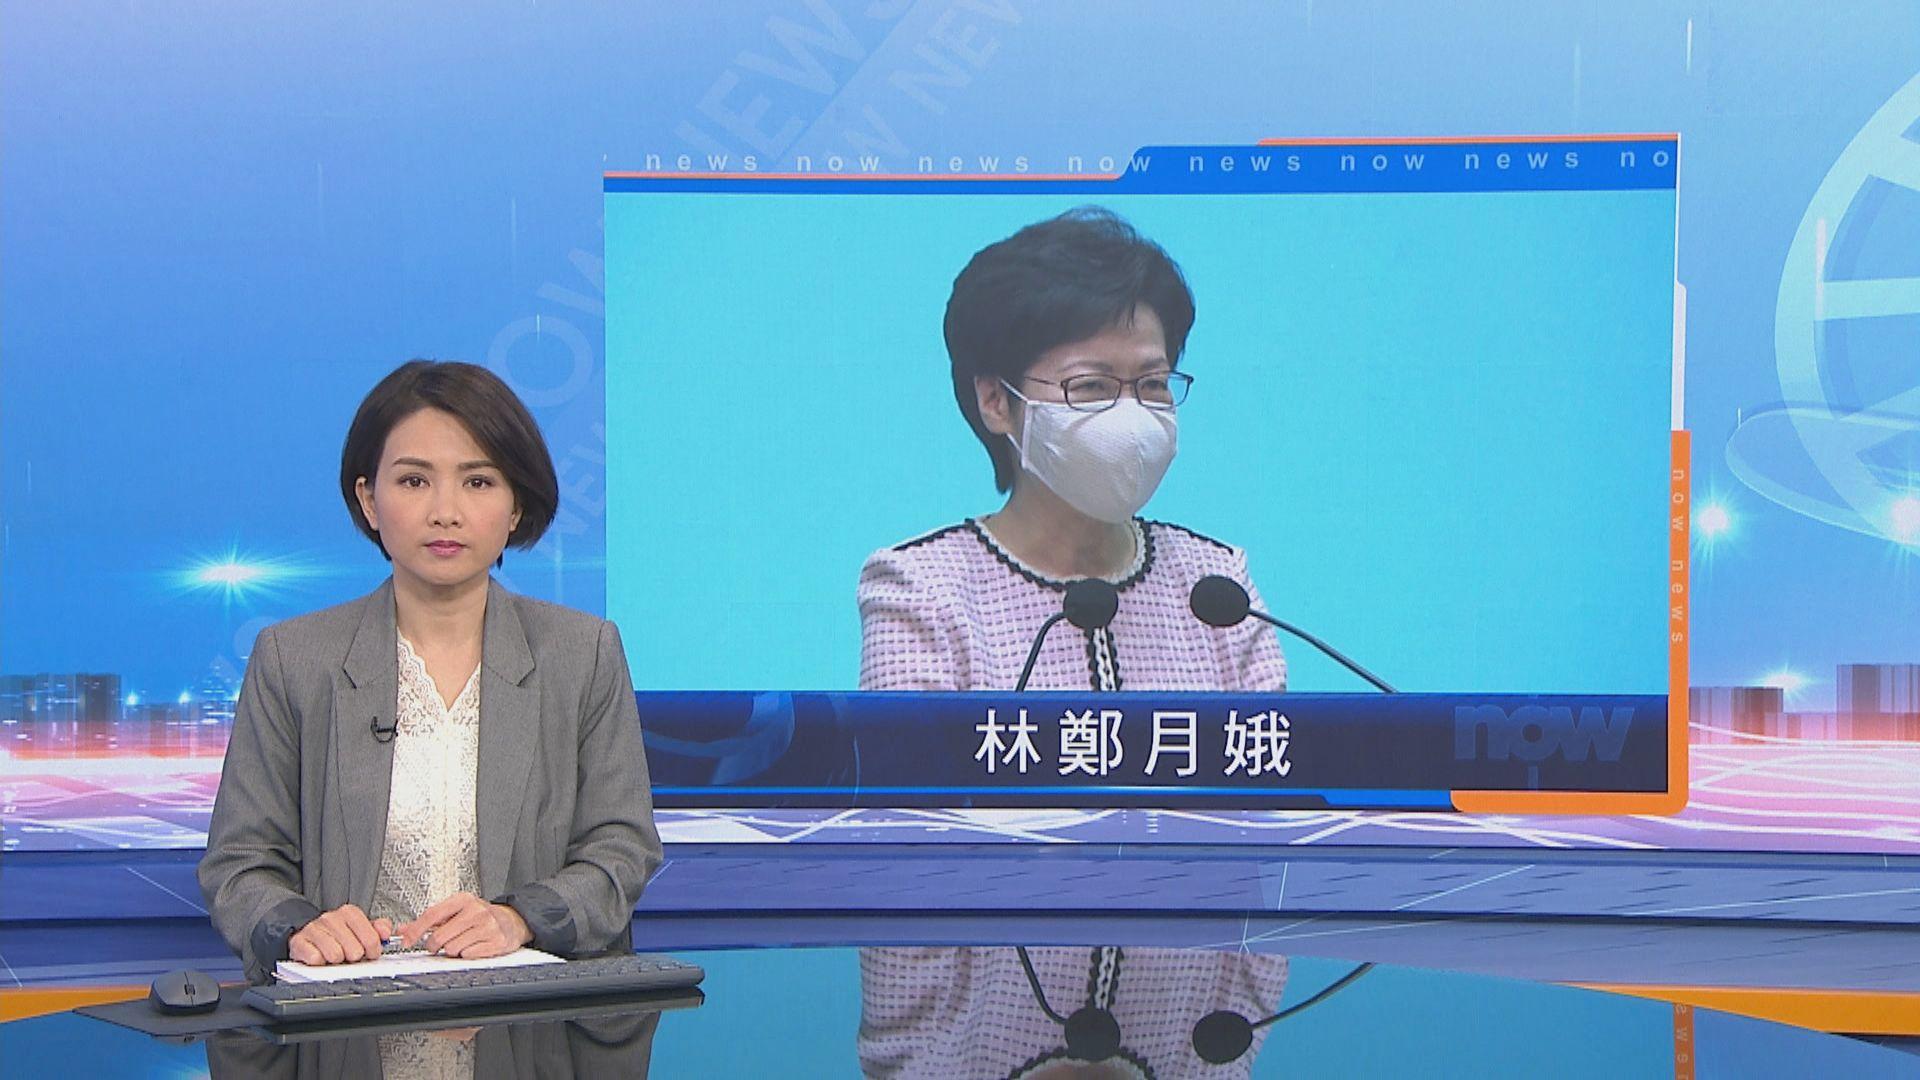 林鄭︰不應肆意批評法官裁決 特首不干預司法機關